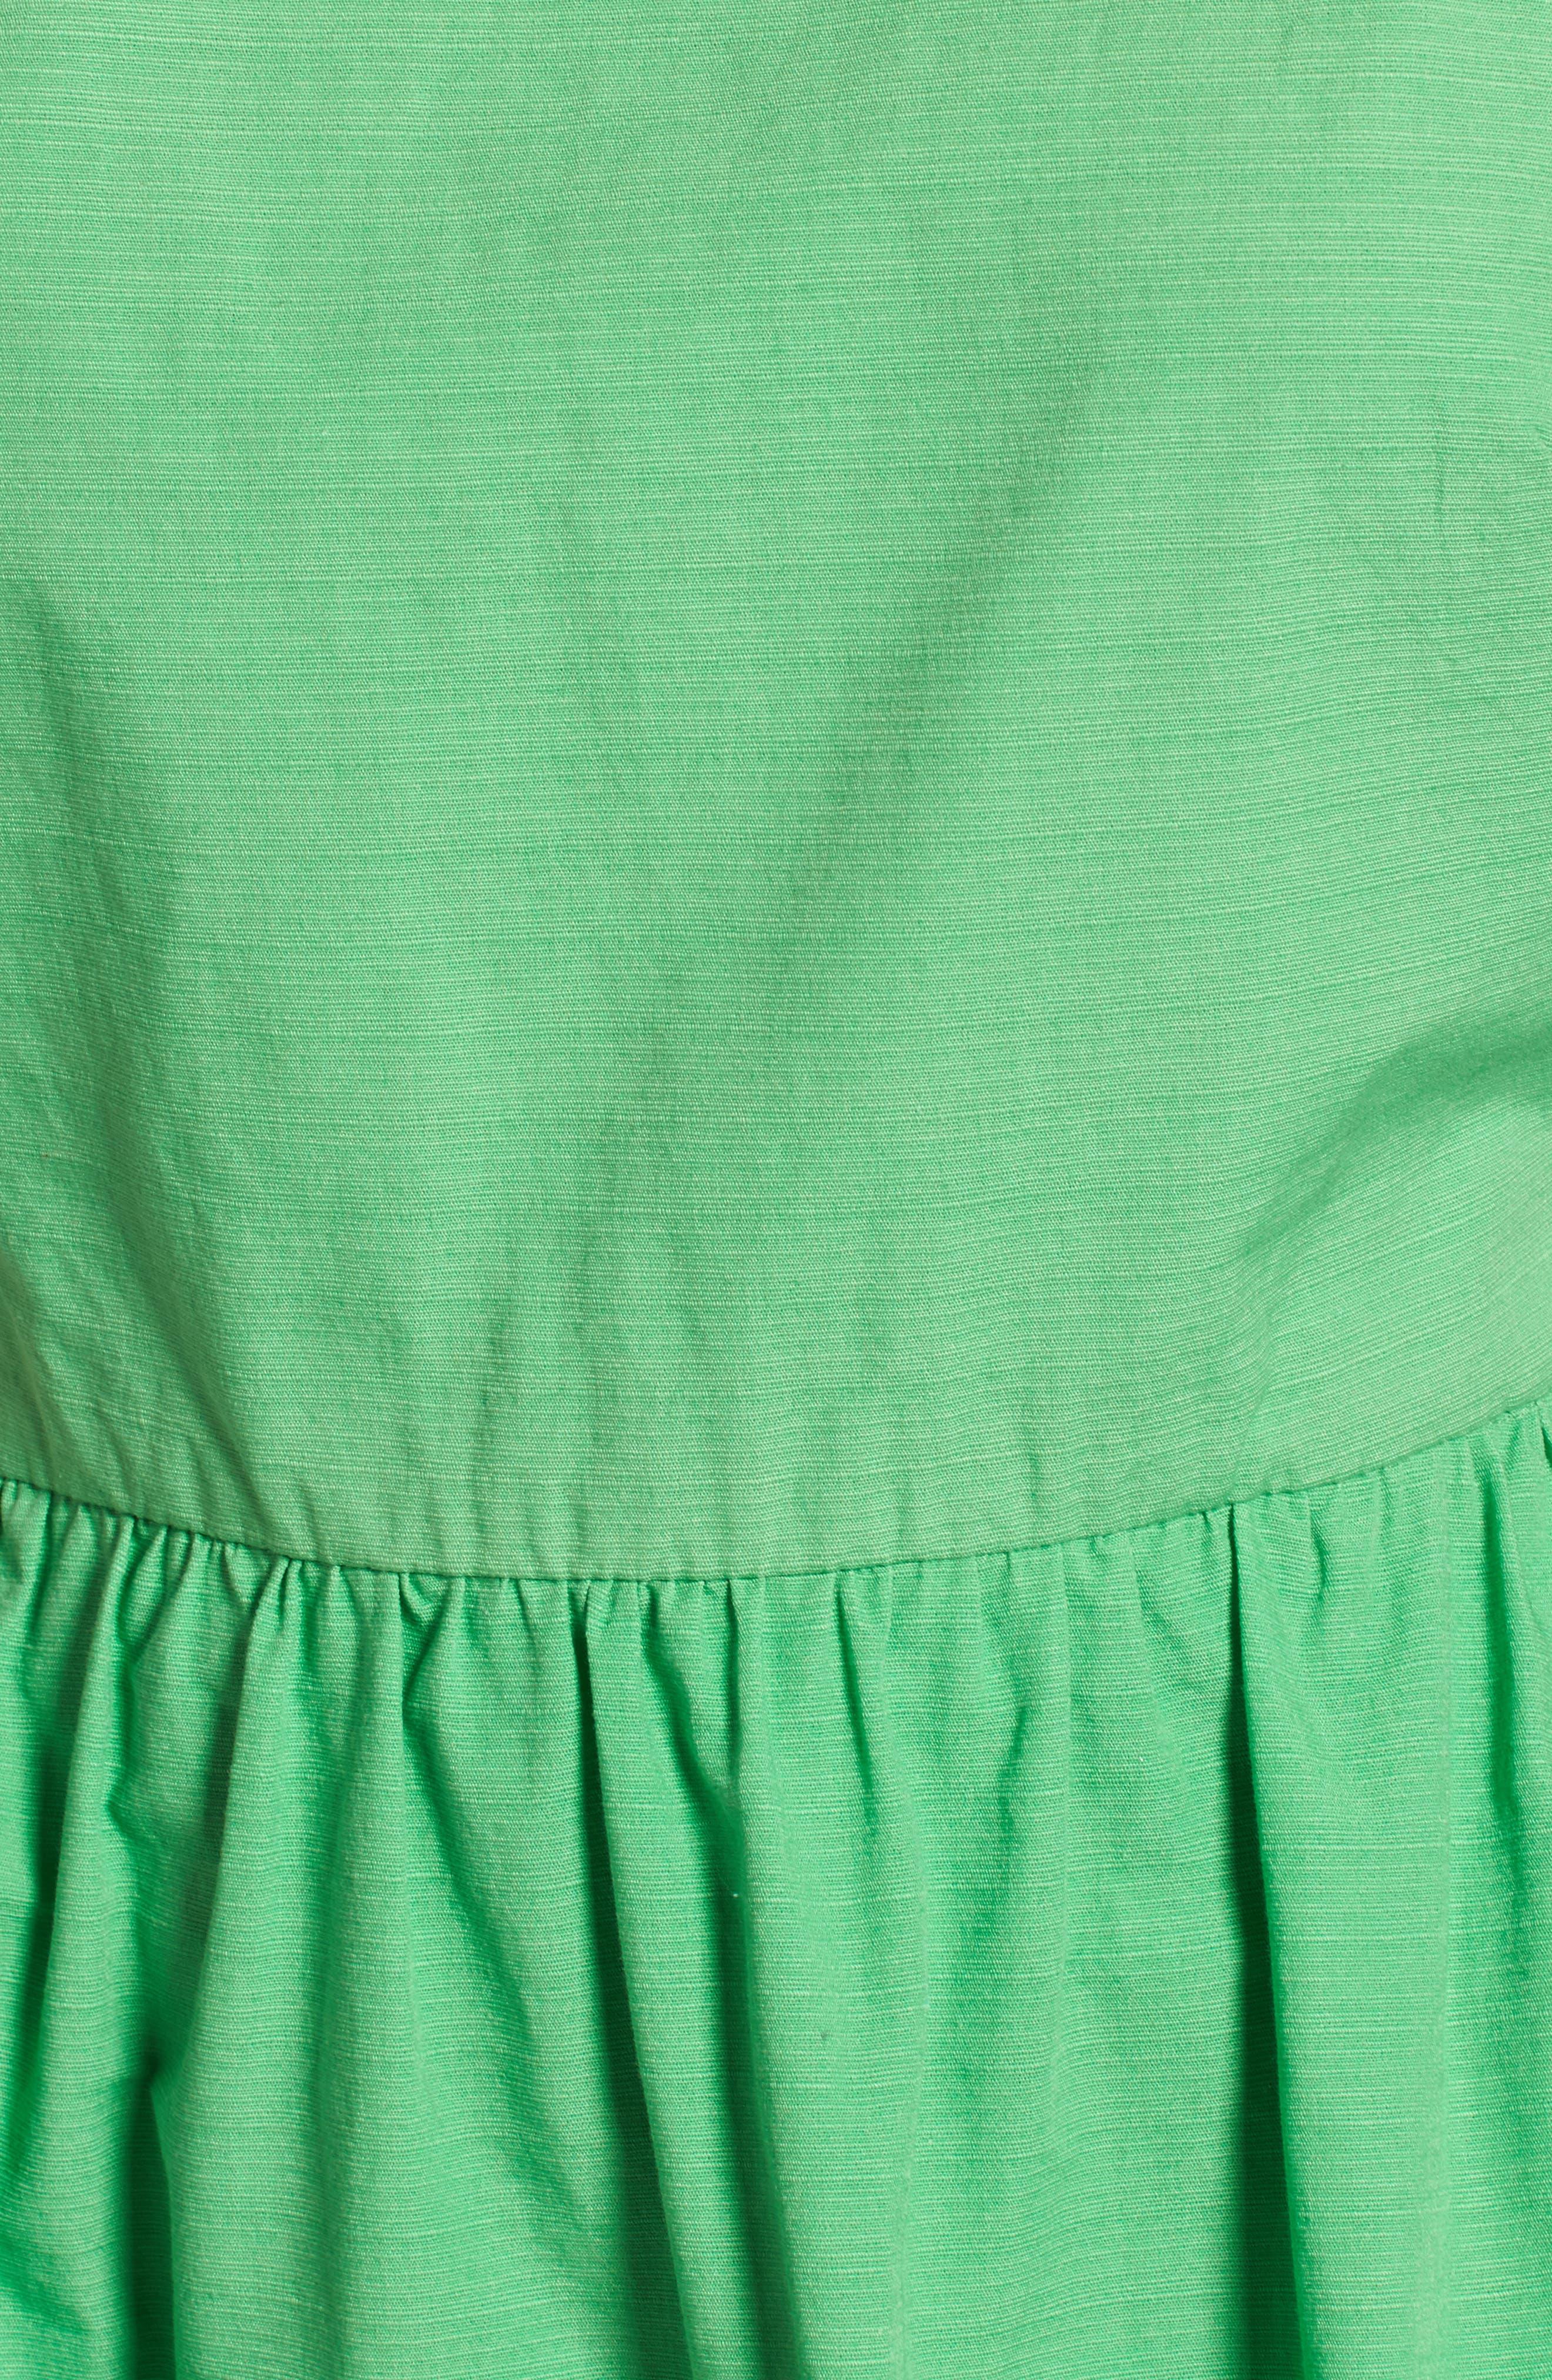 Ruffle Fit & Flare Midi Dress,                             Alternate thumbnail 5, color,                             330